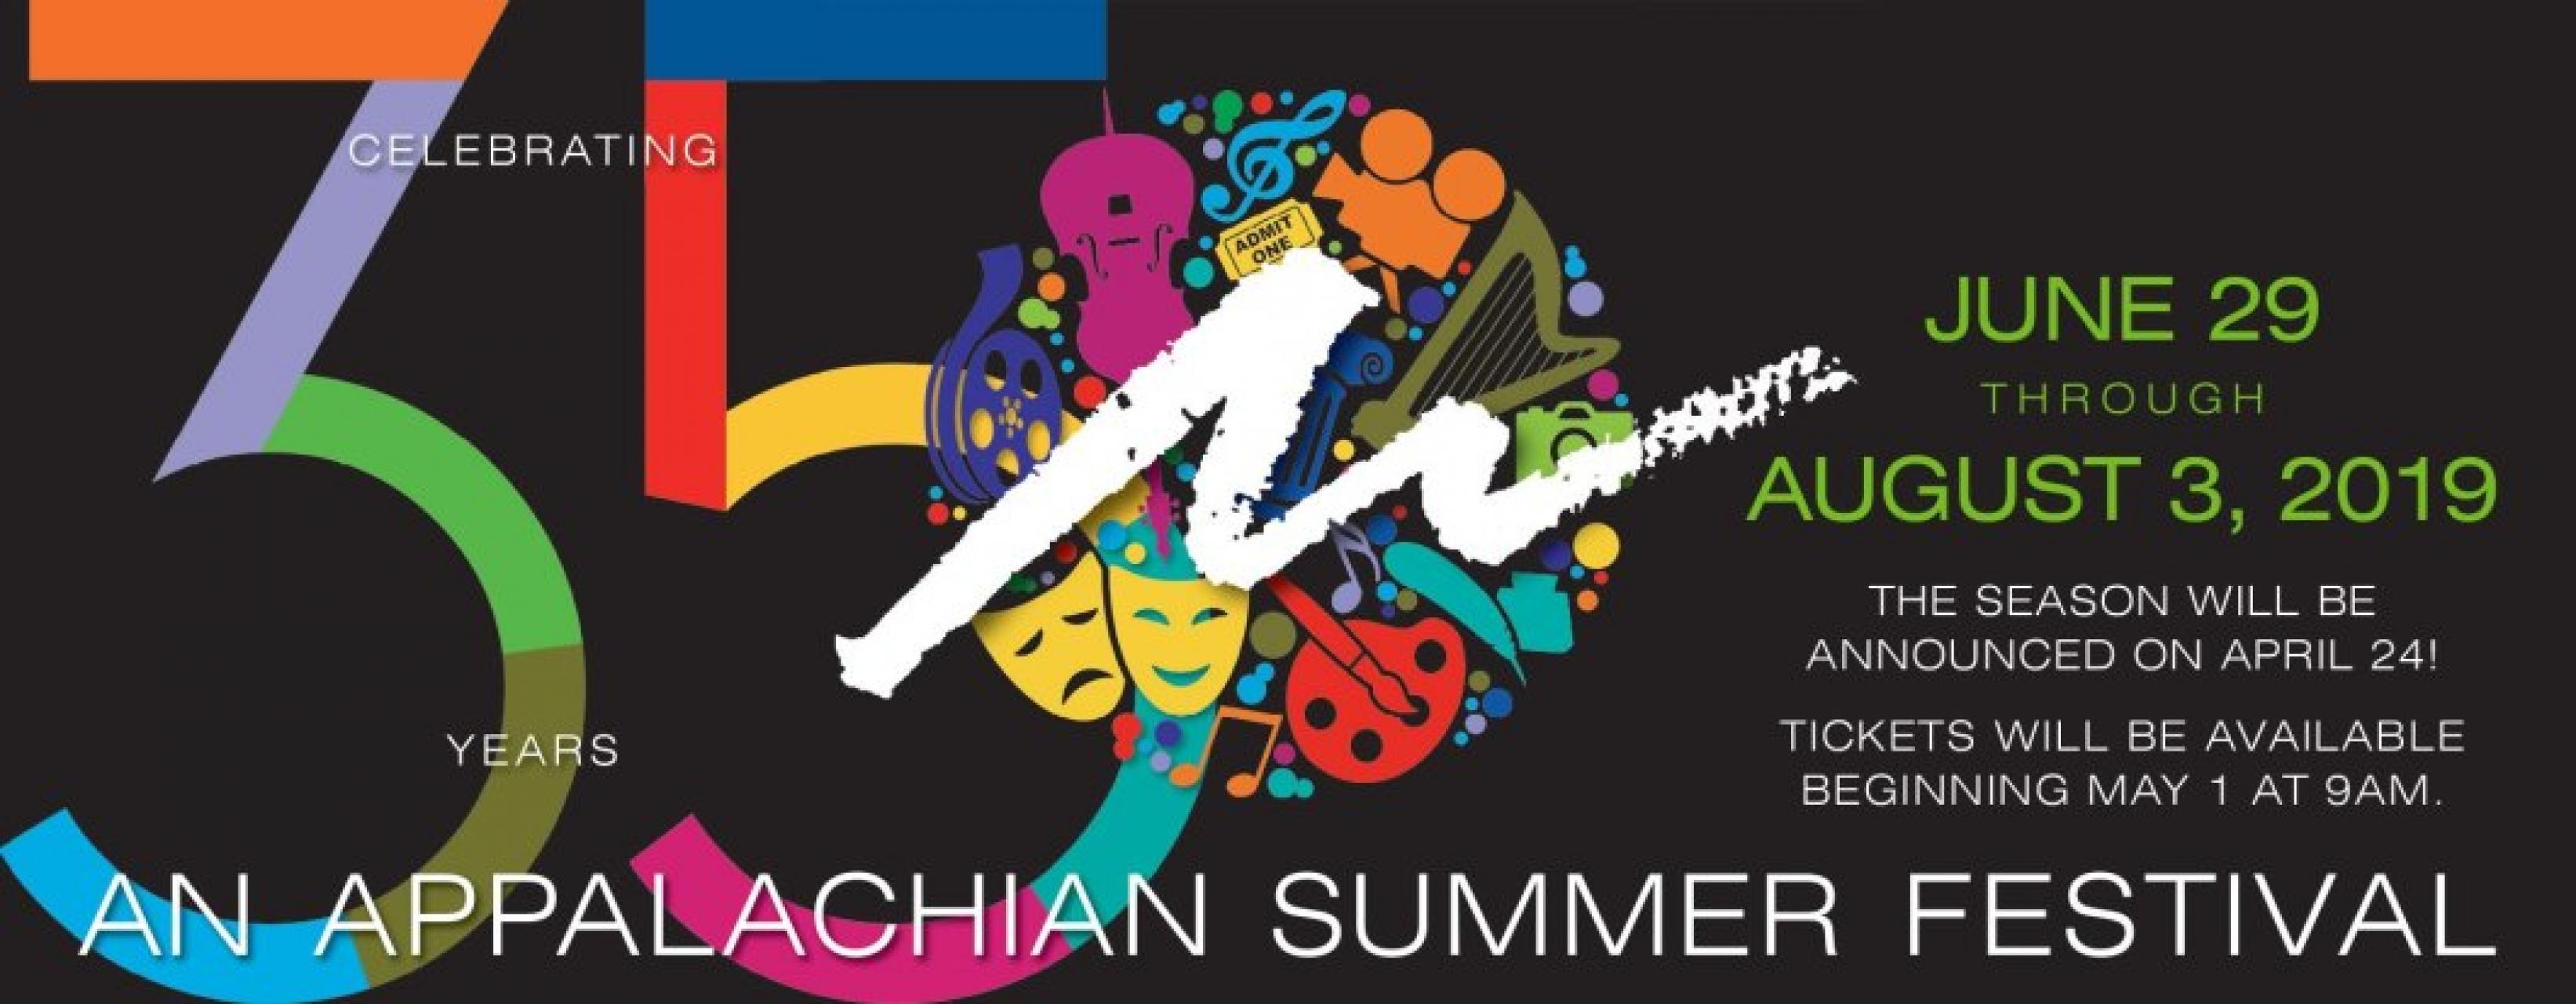 An Appalachian Summer Festival Poster